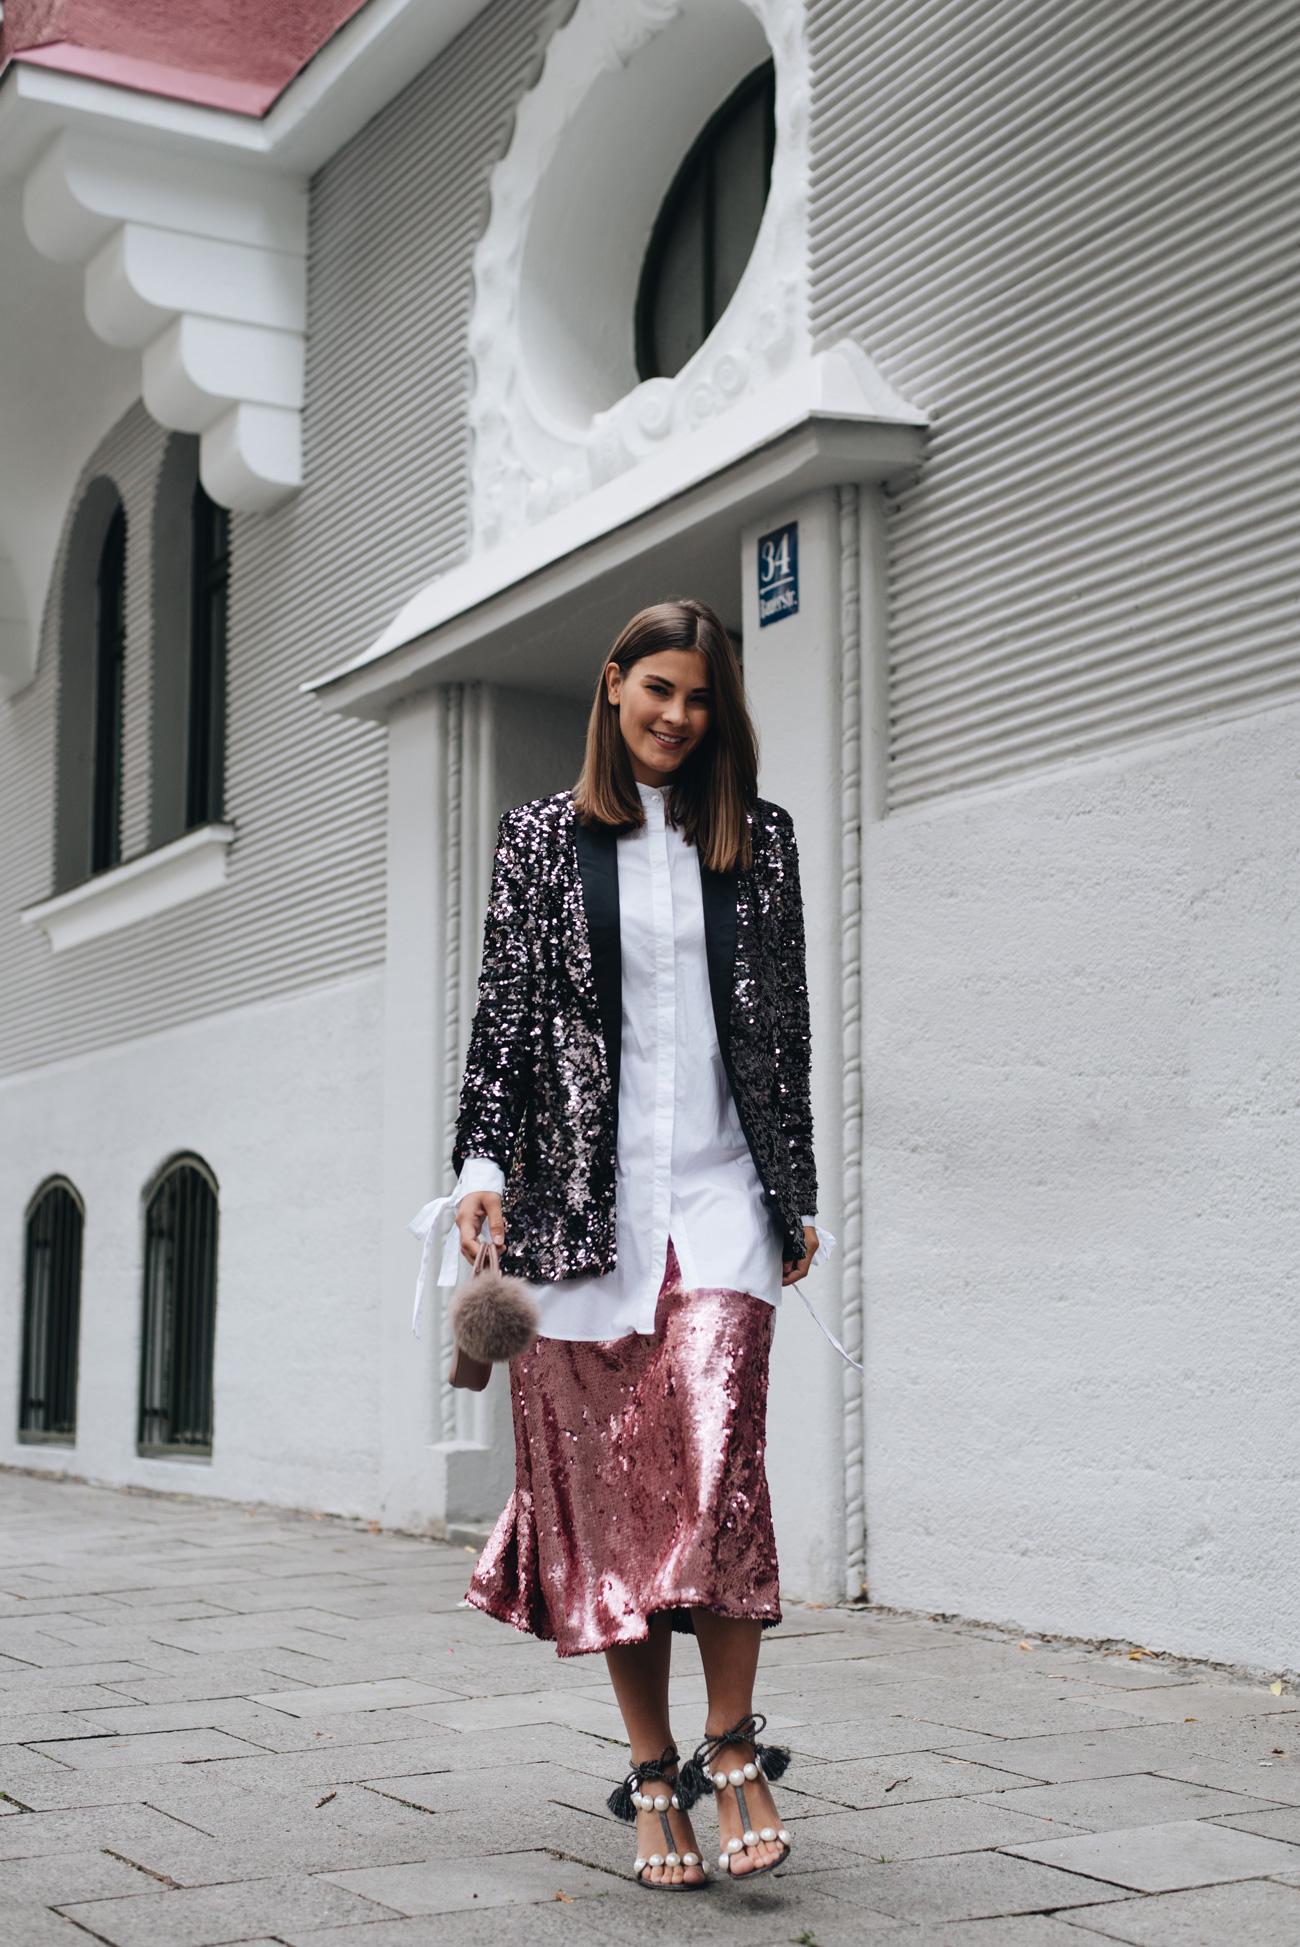 Nina-schwichtenberg-fashiioncarpet-mode-bloggerin-deutschland-münchen